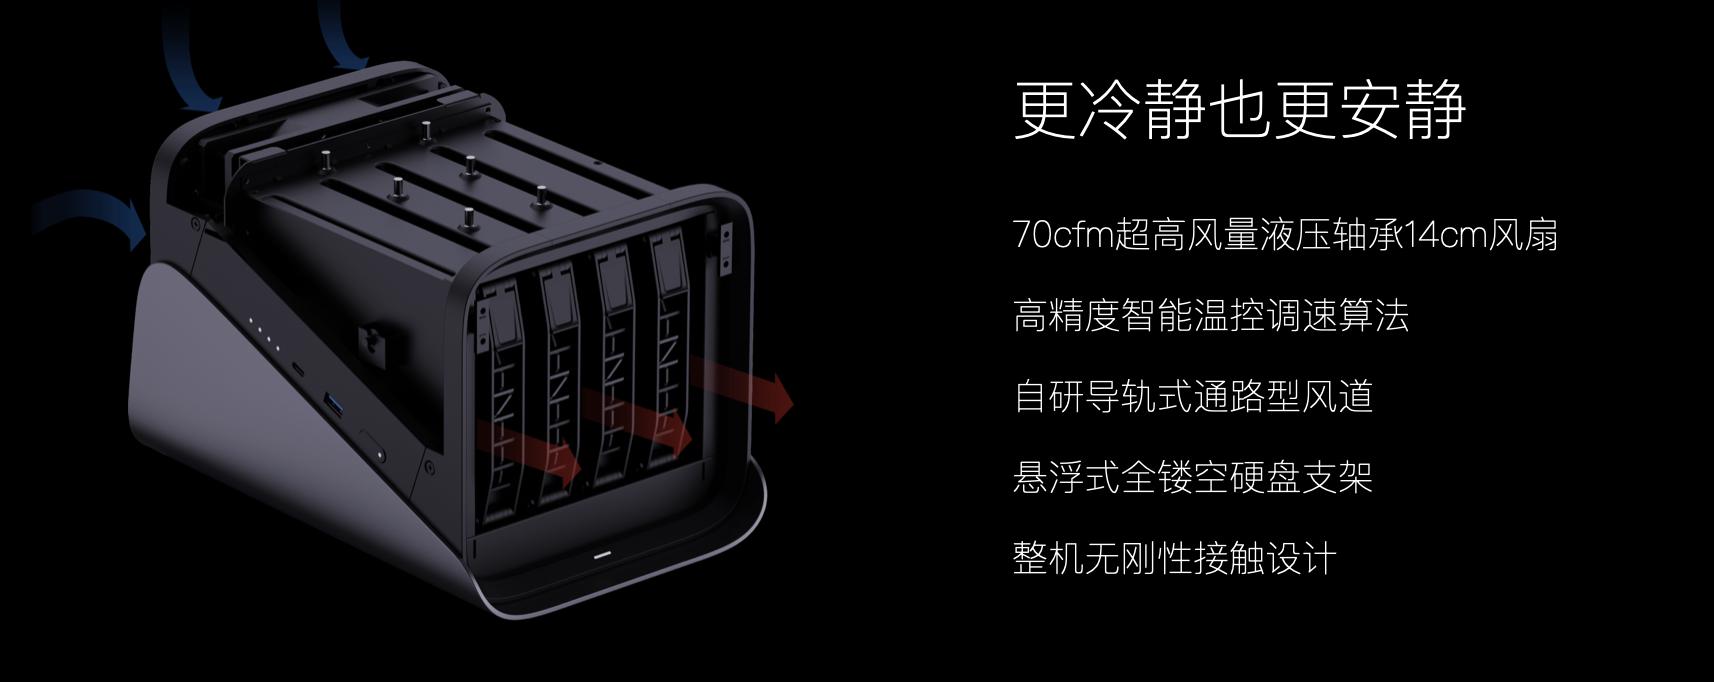 图片[8]-NAS新玩家 极空间Z2 / Z4 私人云正式发布,瞄准威&群 定价1199/2399元起-思安阁